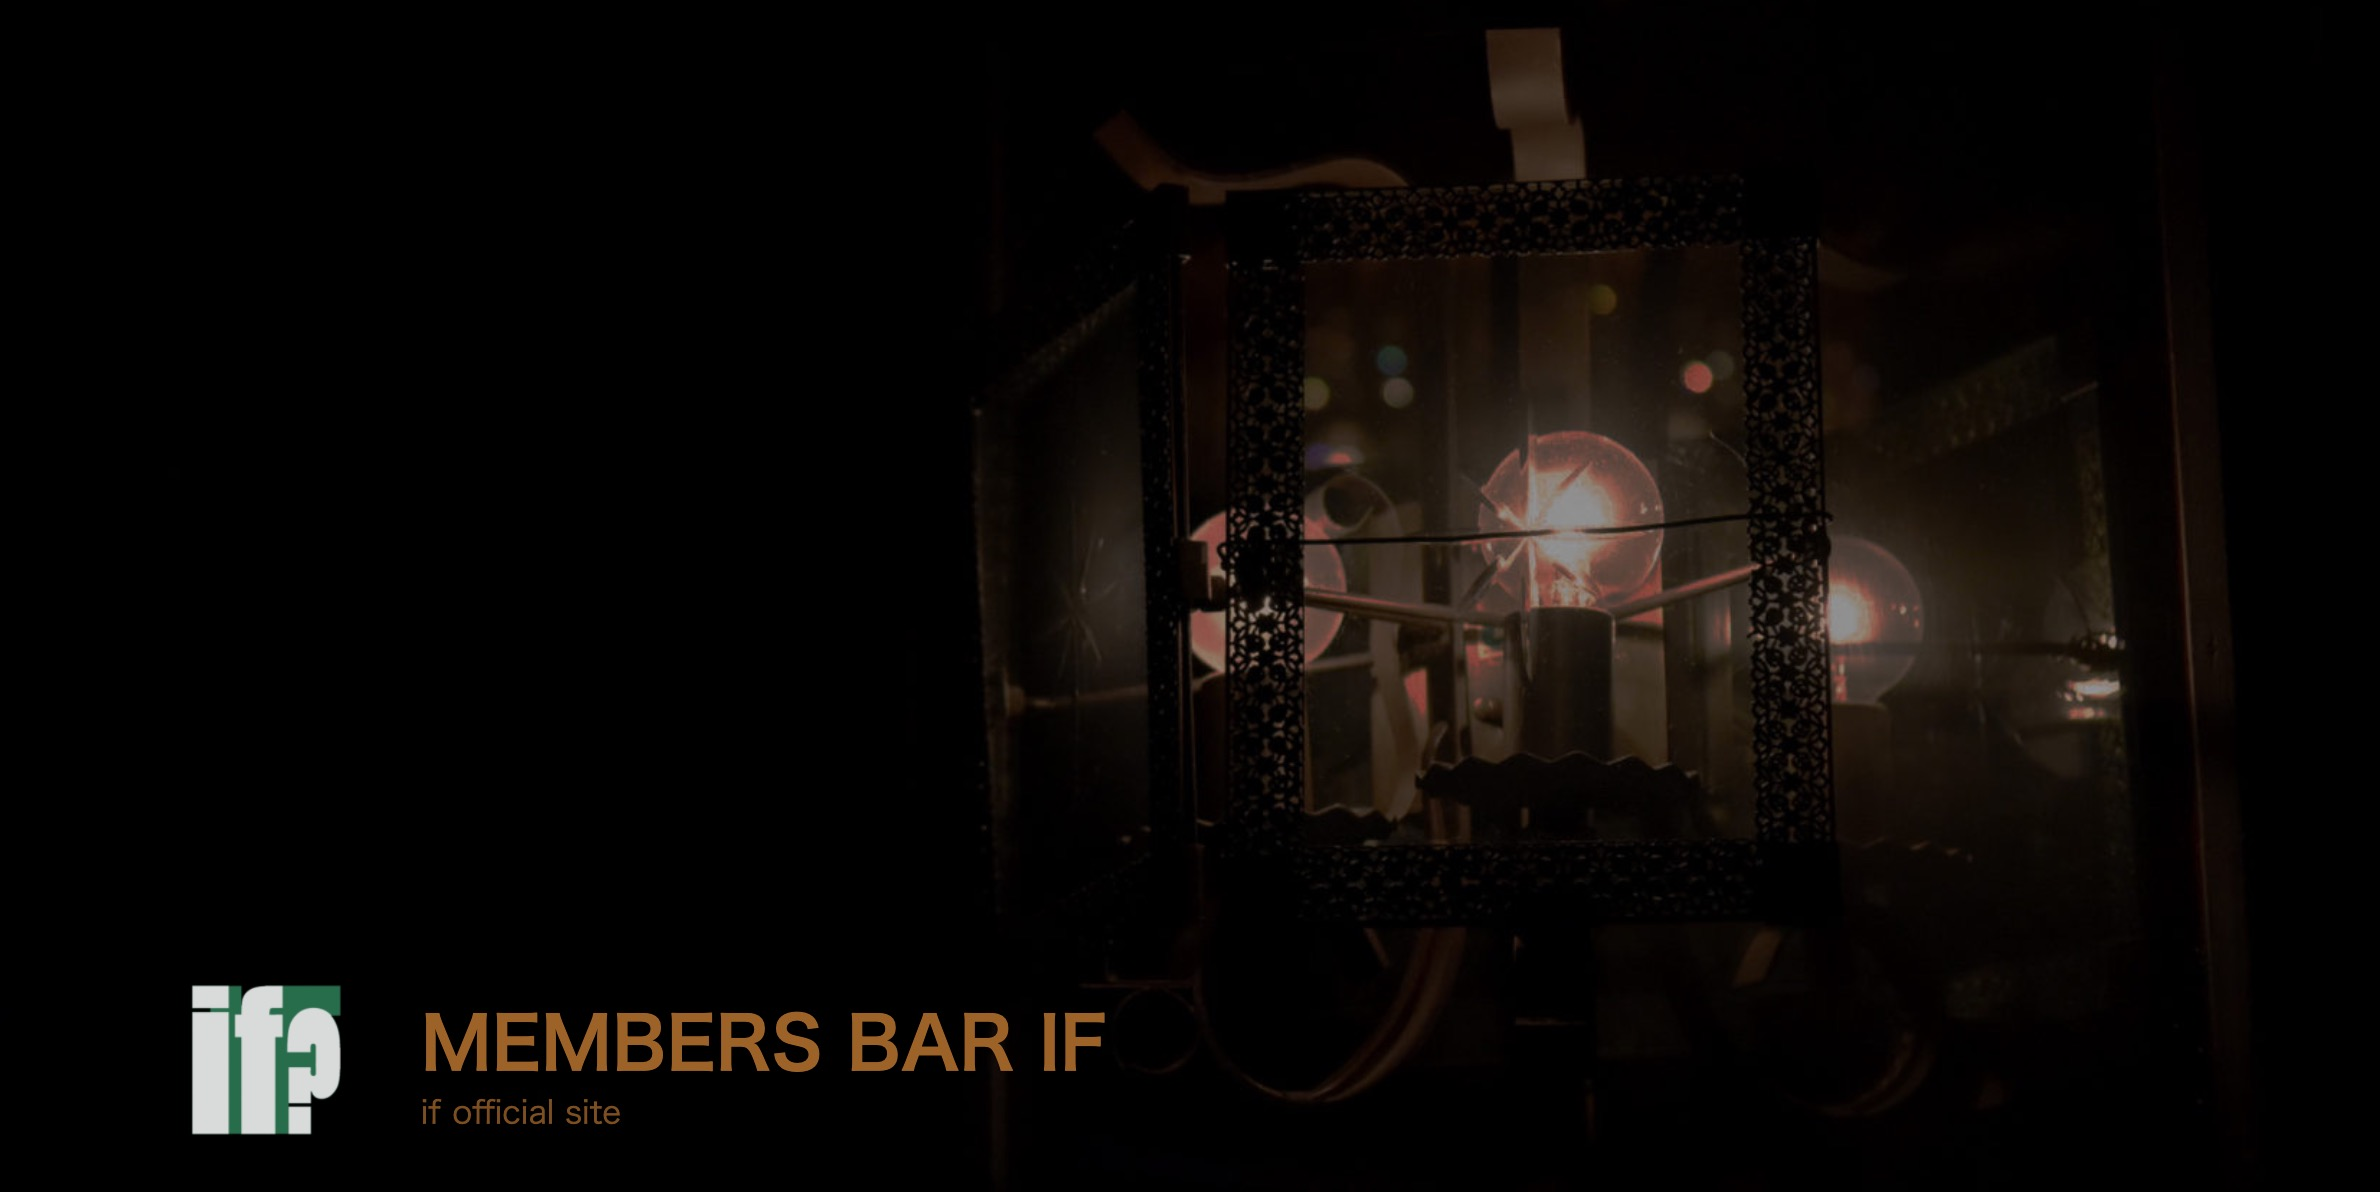 Member's Bar if